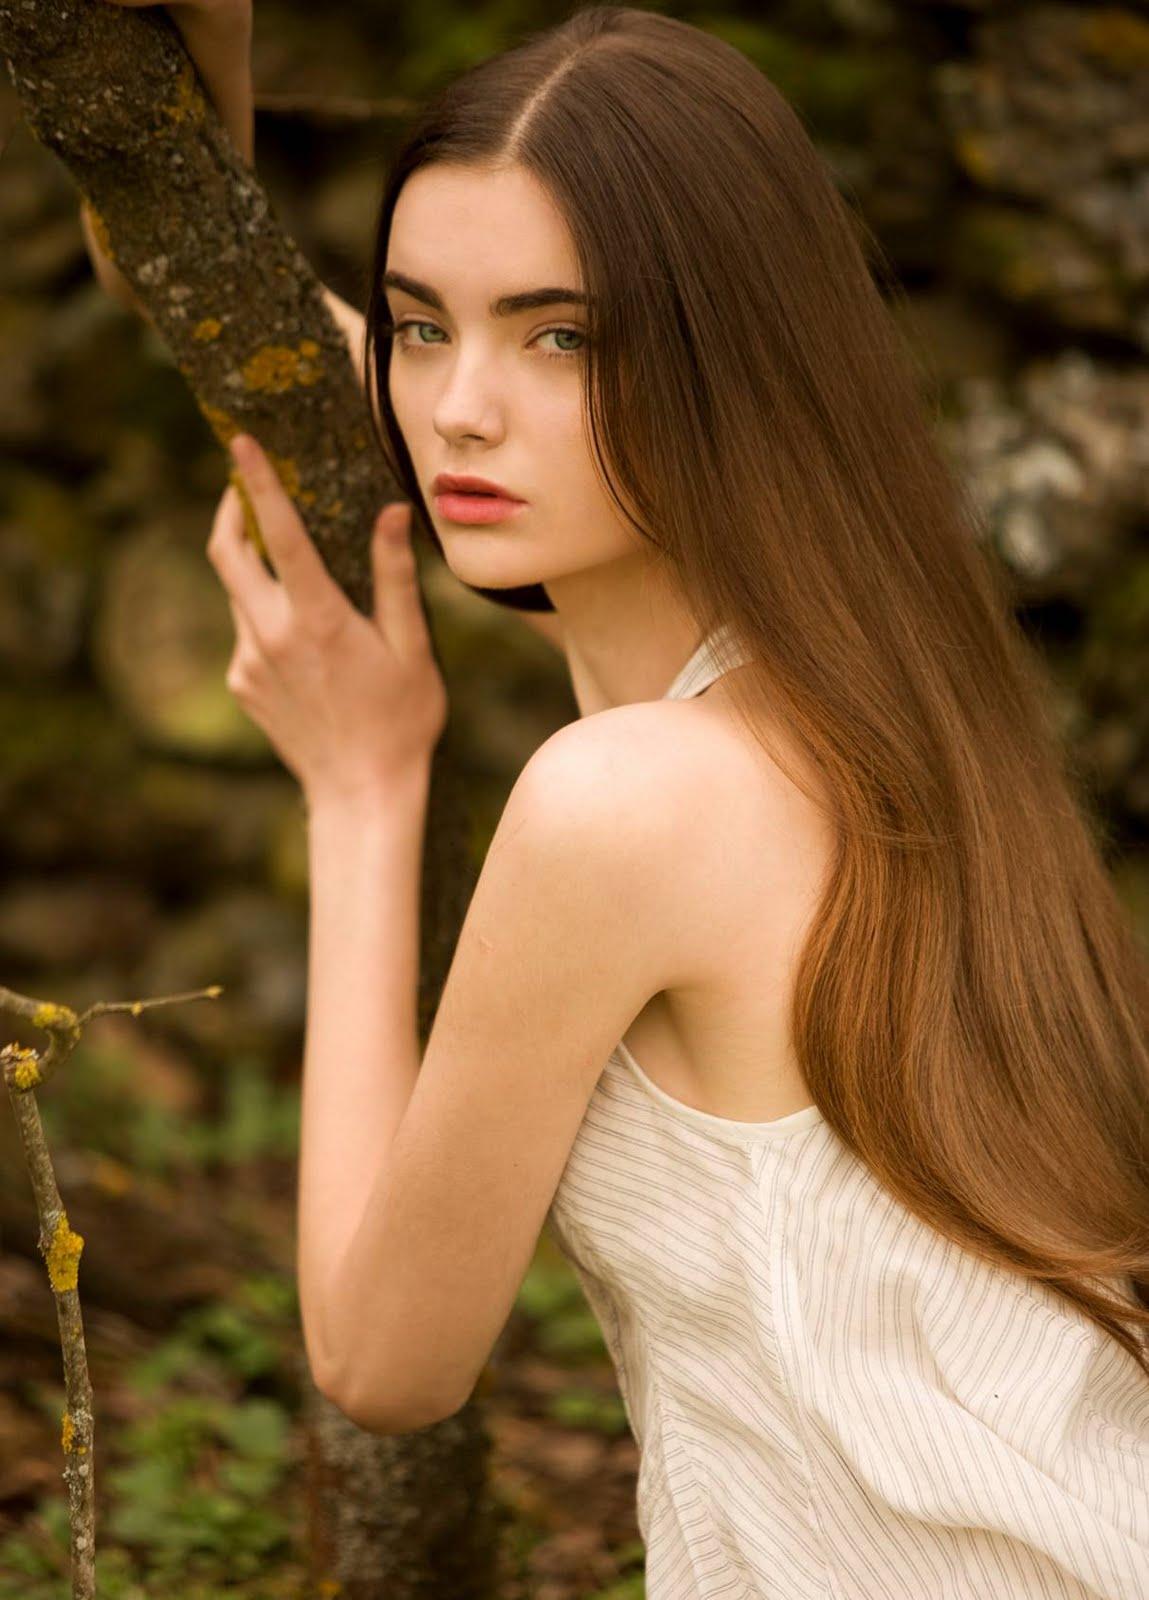 Фото самых красивых голых девушек испании 13 фотография